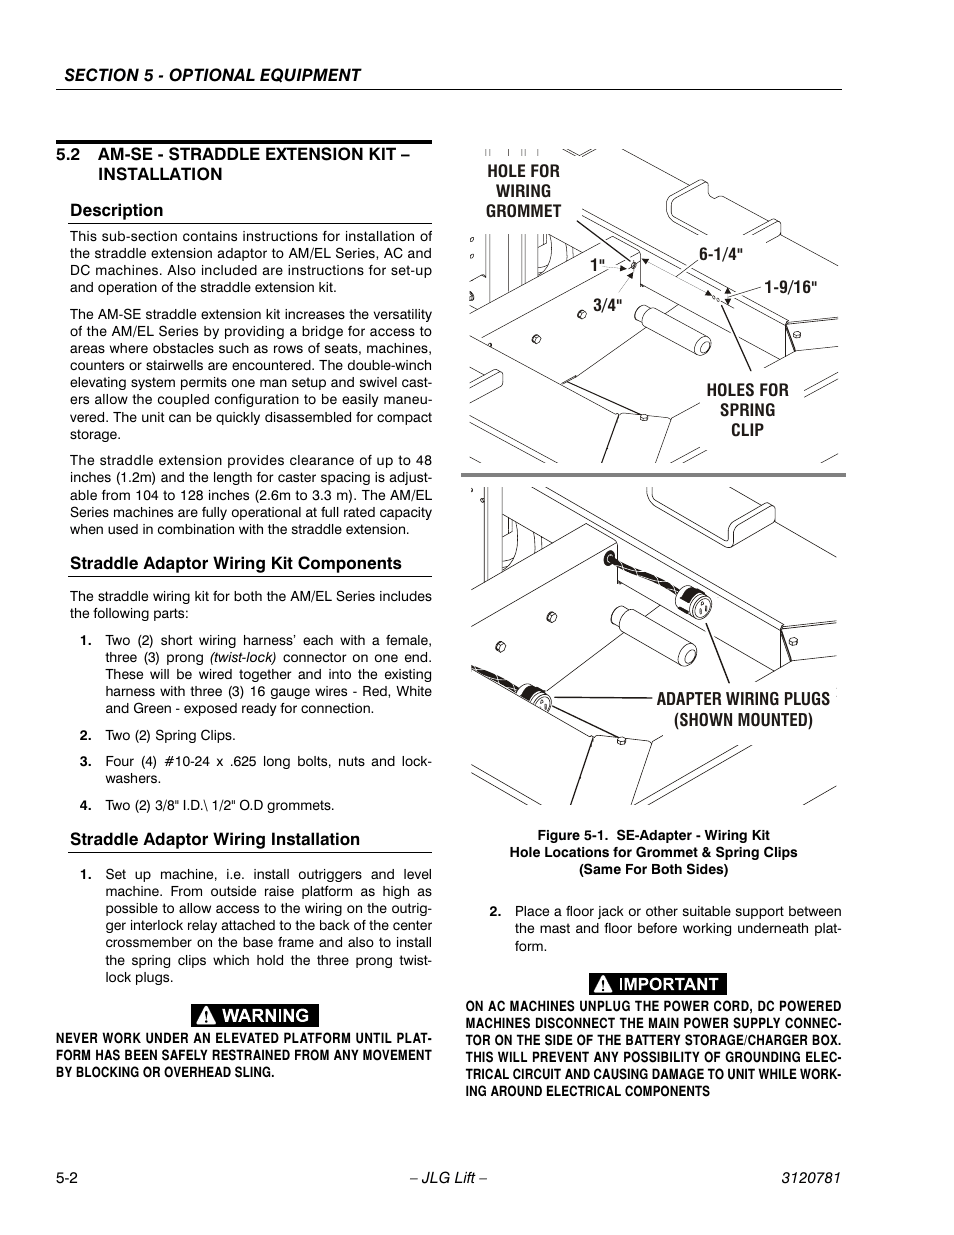 Jlg Wiring Schematics – Jlg Lift Wiring Diagram